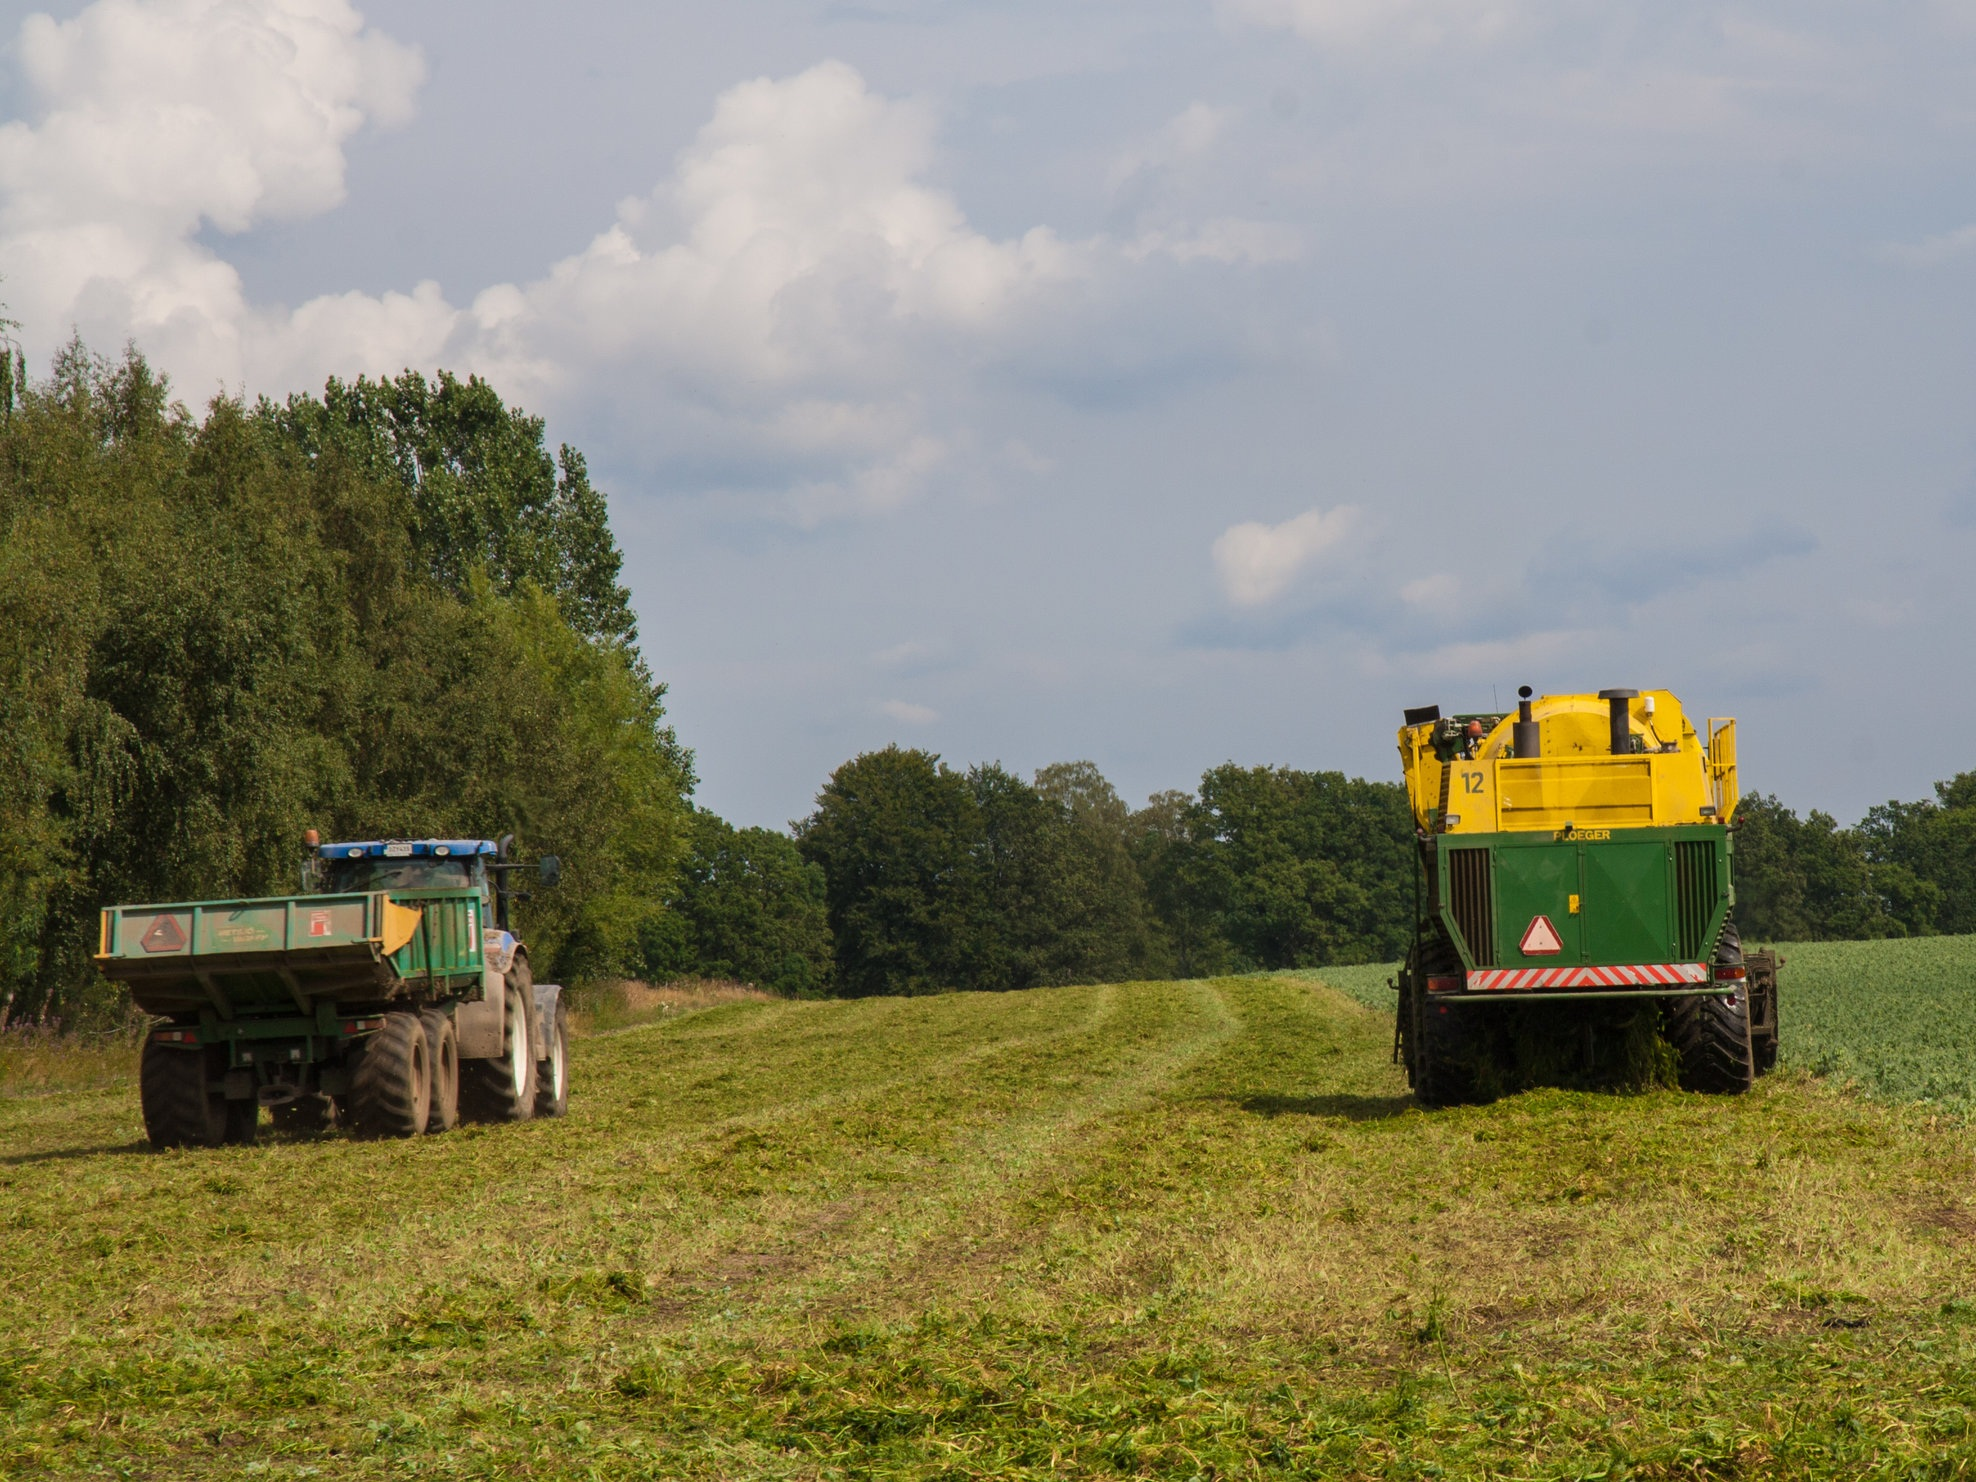 Småskaligt jordbruk i samarbete med granngårdar